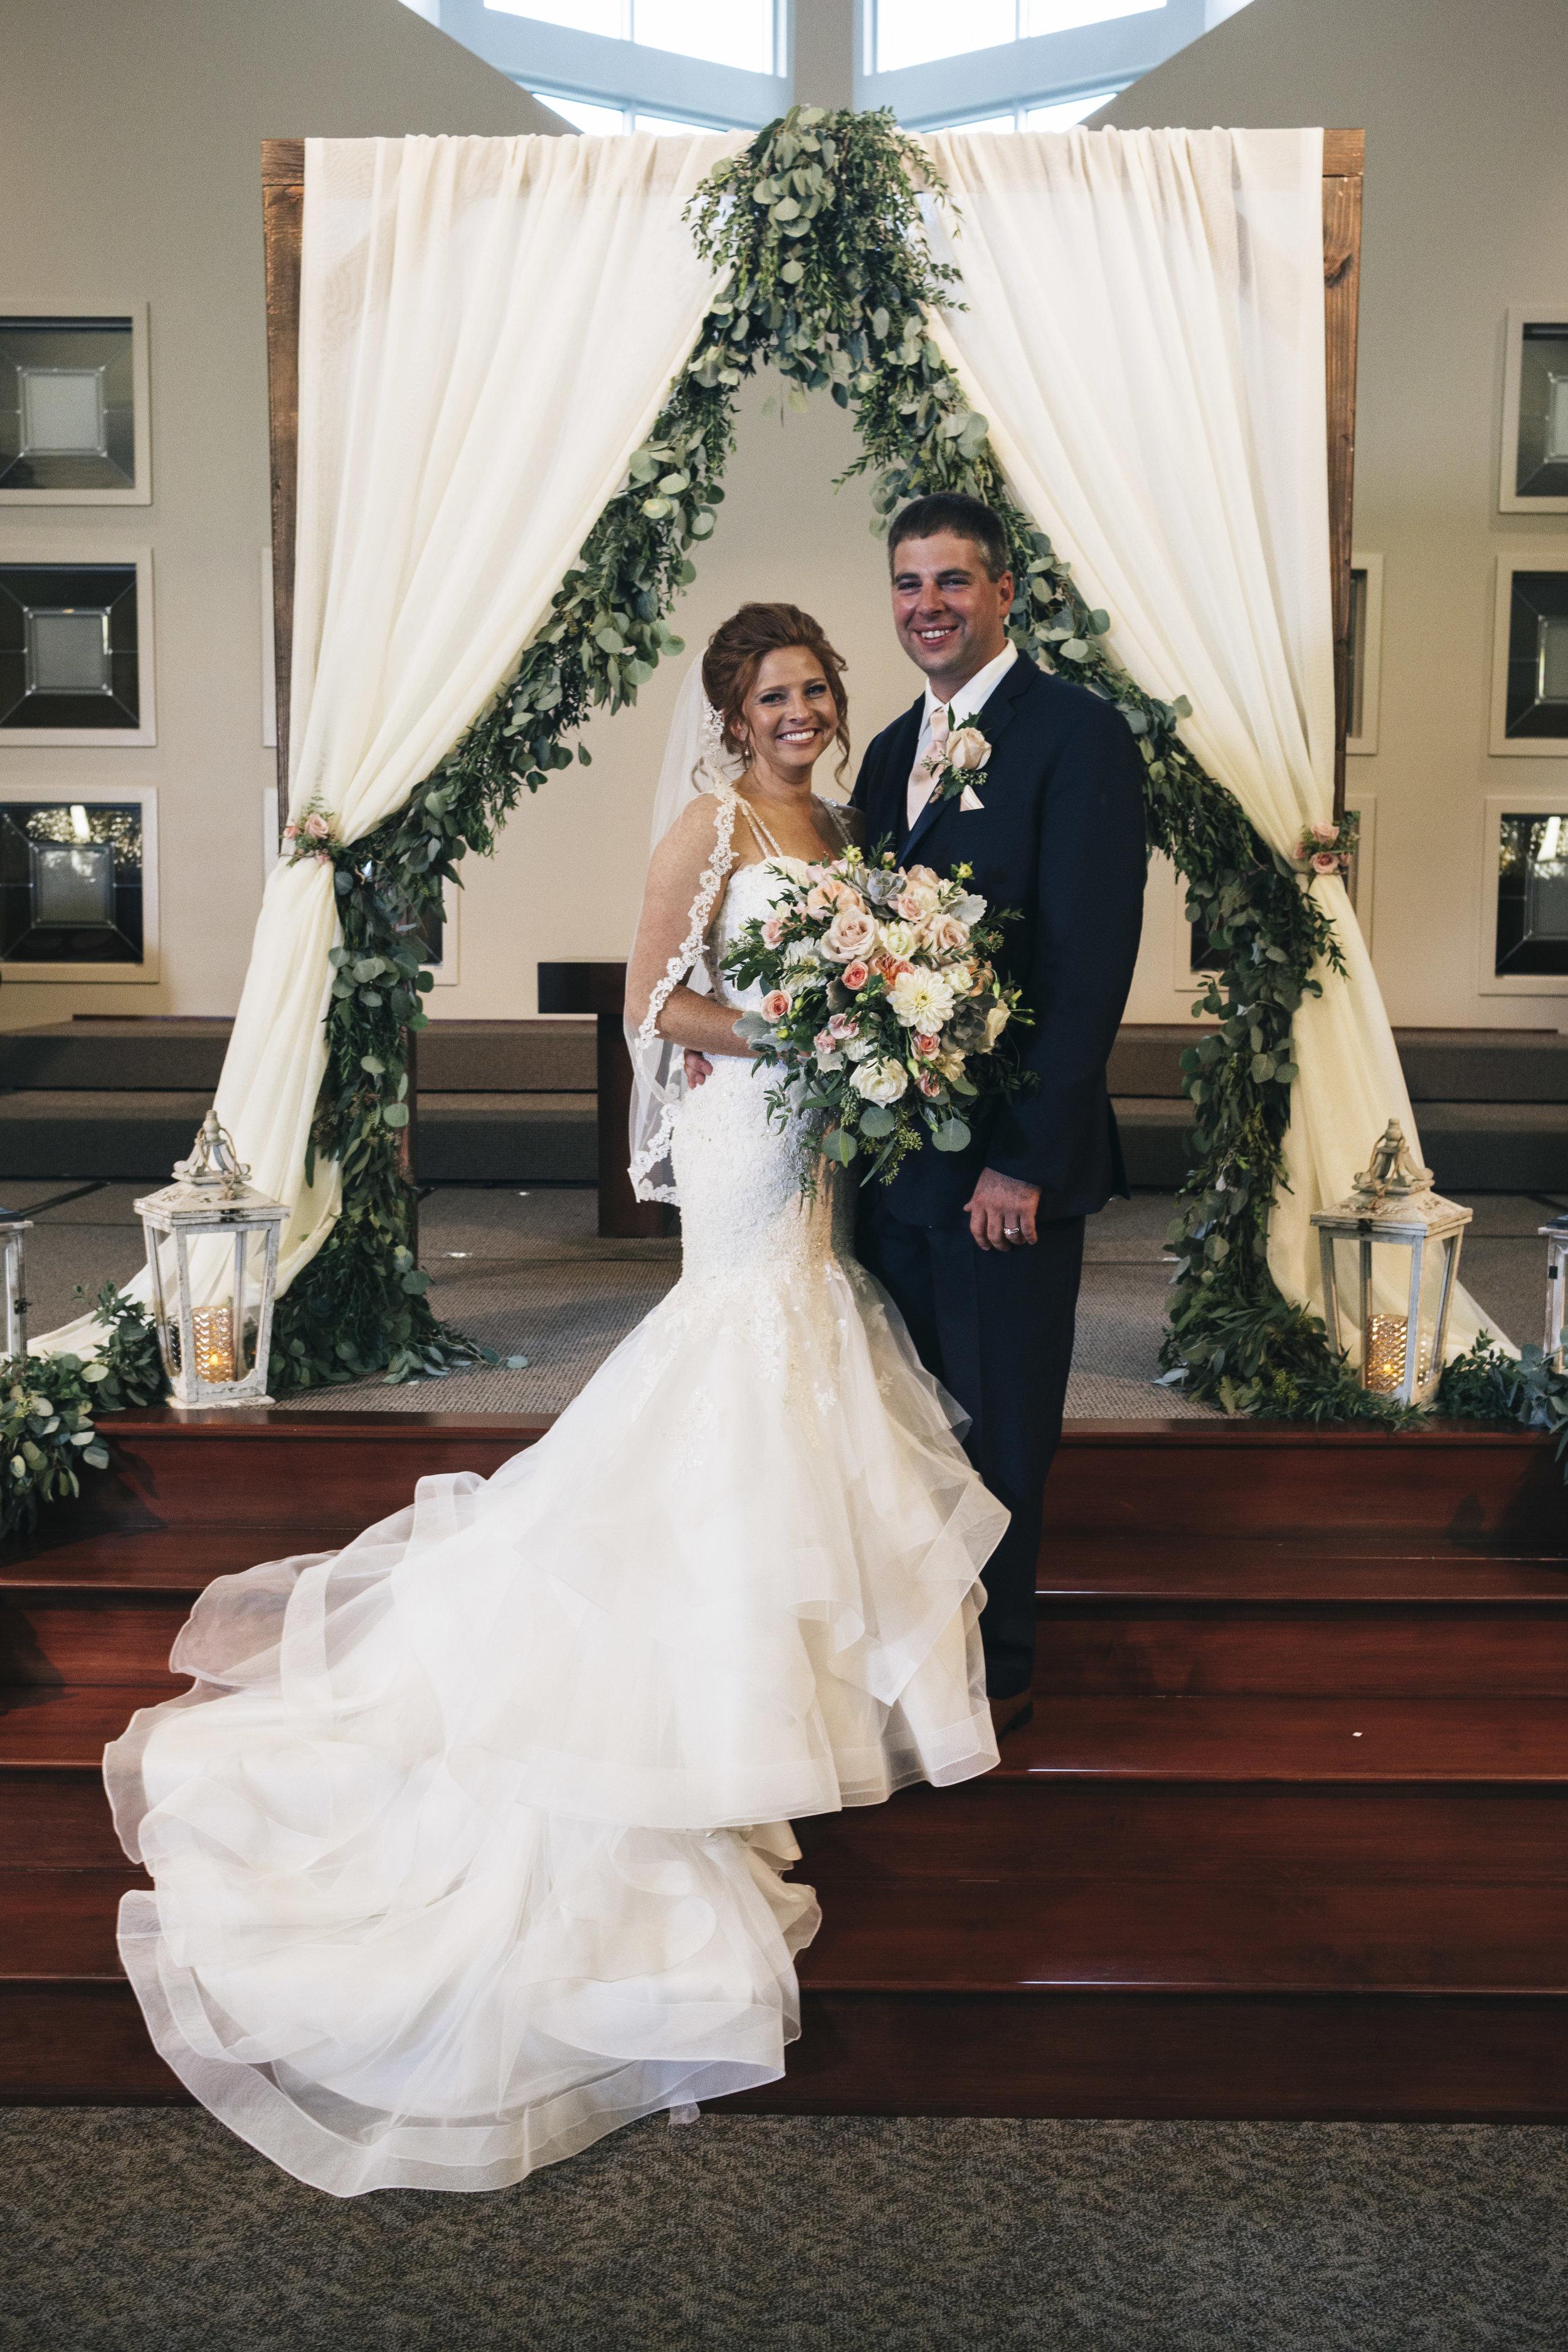 Wedding in Toledo Ohio with Photographers from the Northwest Ohio Area